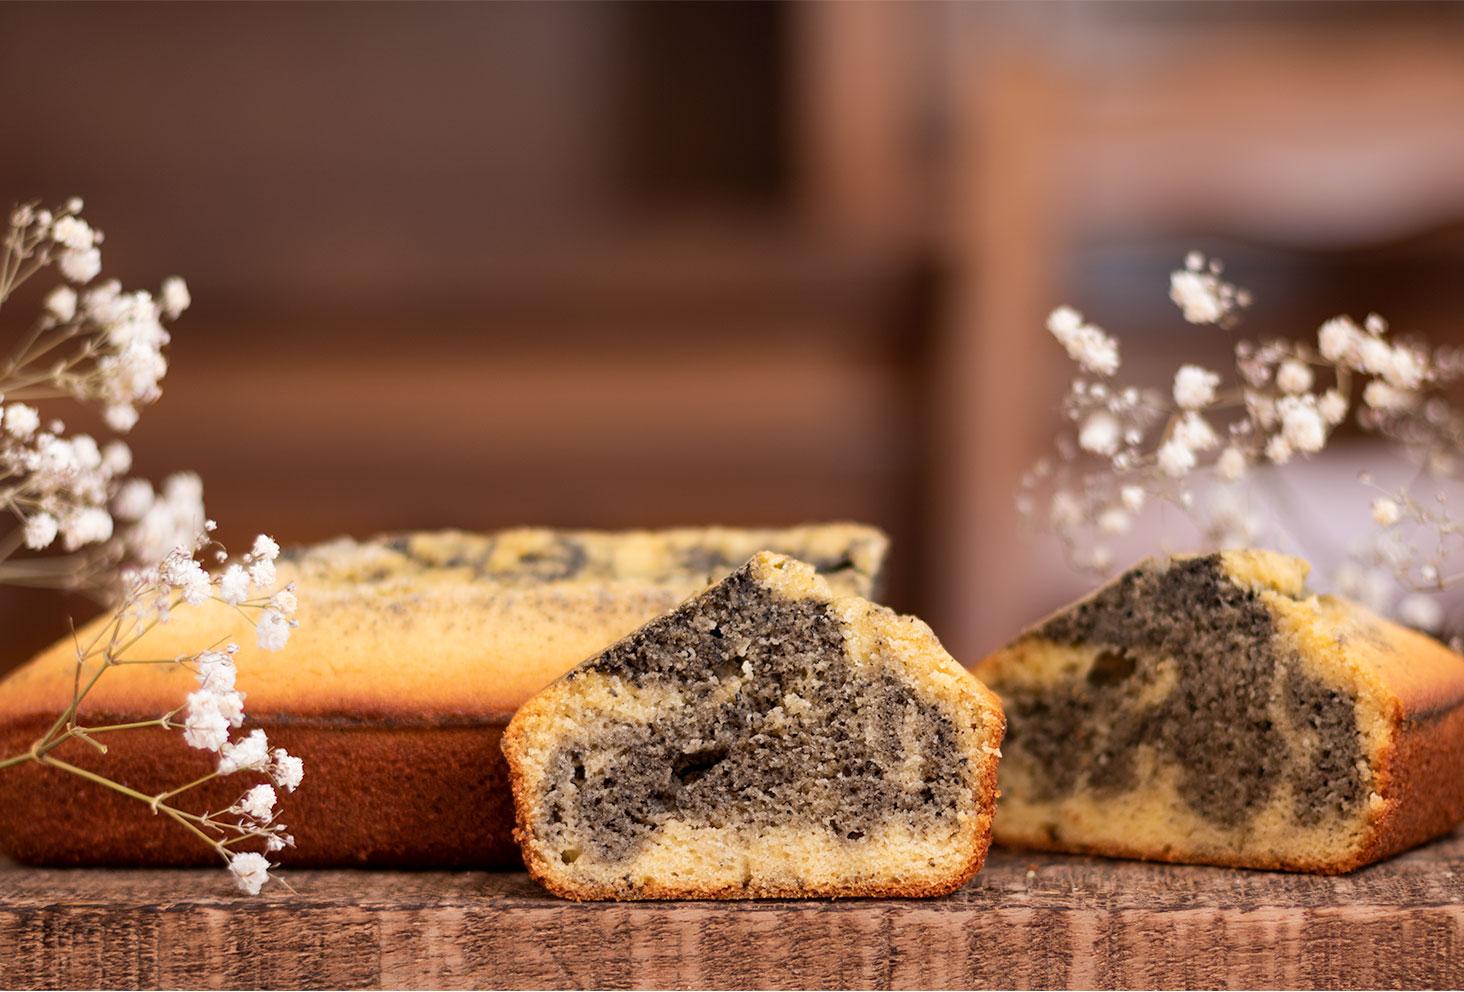 Zoom sur la texture d'un marbré orange et crème de sésame noir, posé sur une planche en bois devant le gâteau entier